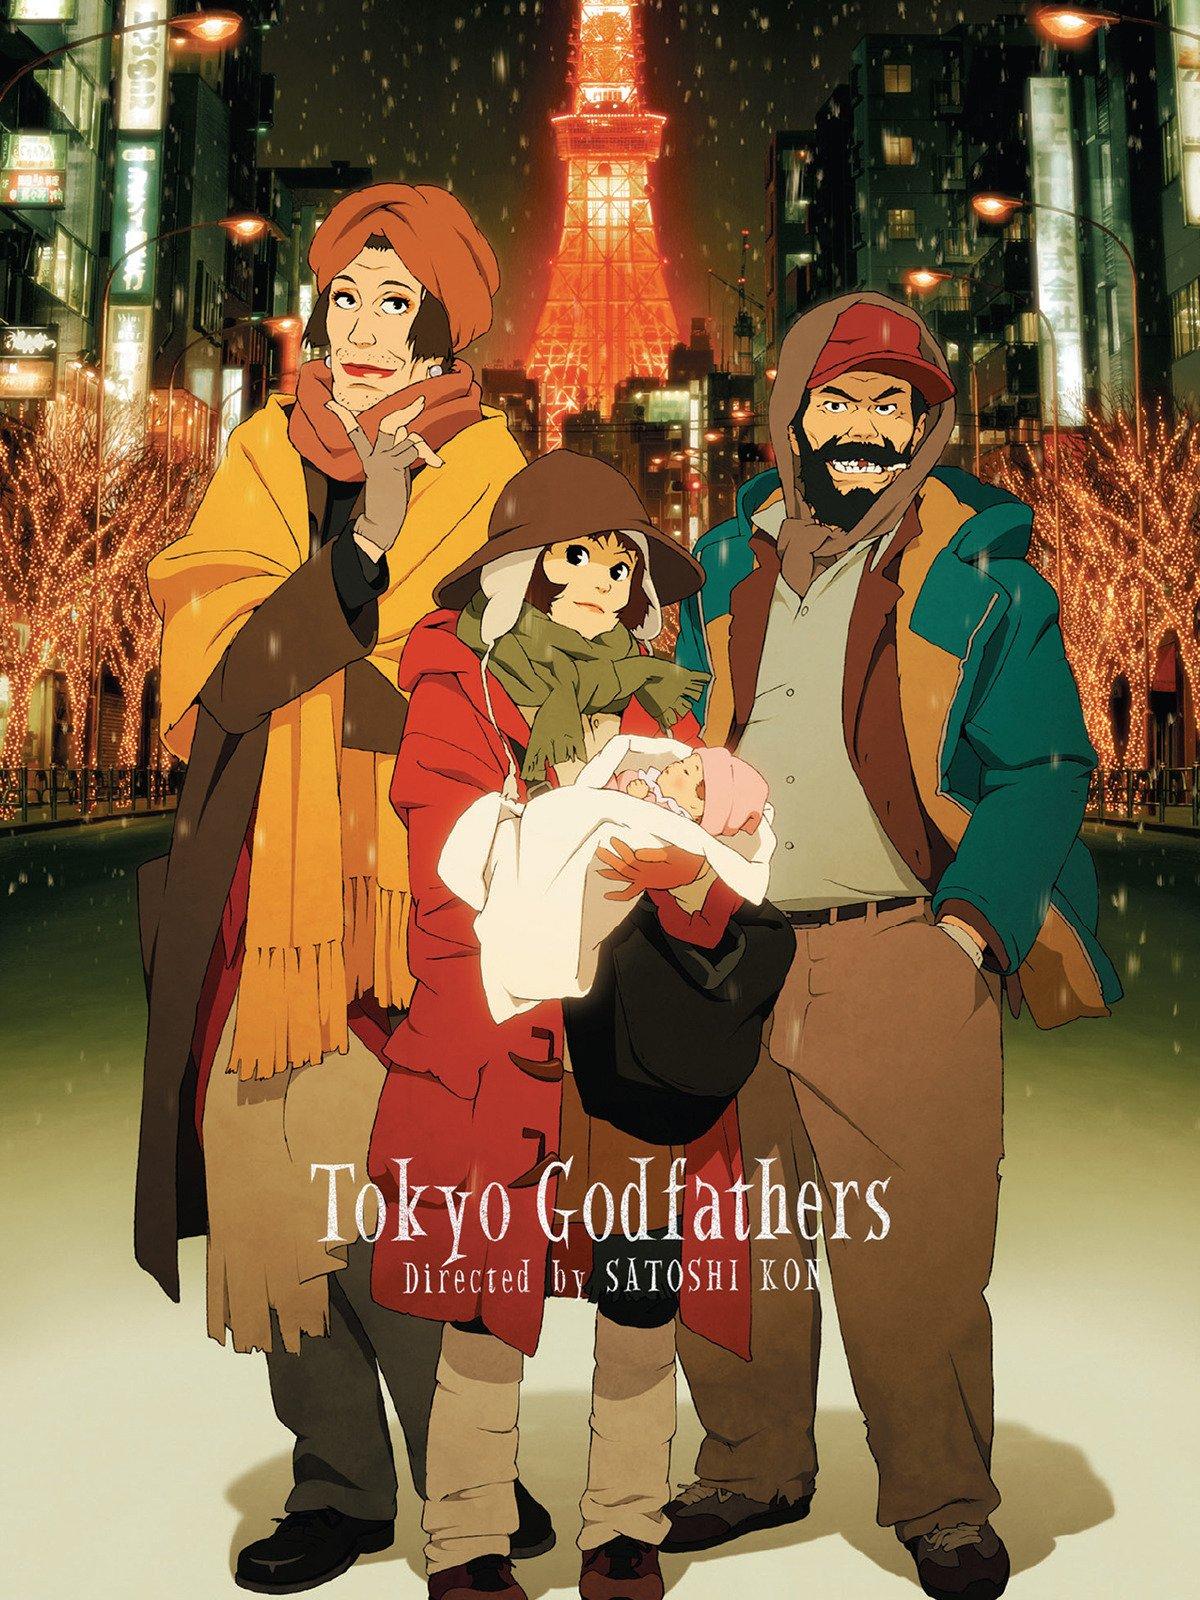 Tokyo Godfathers - Satoshi kon